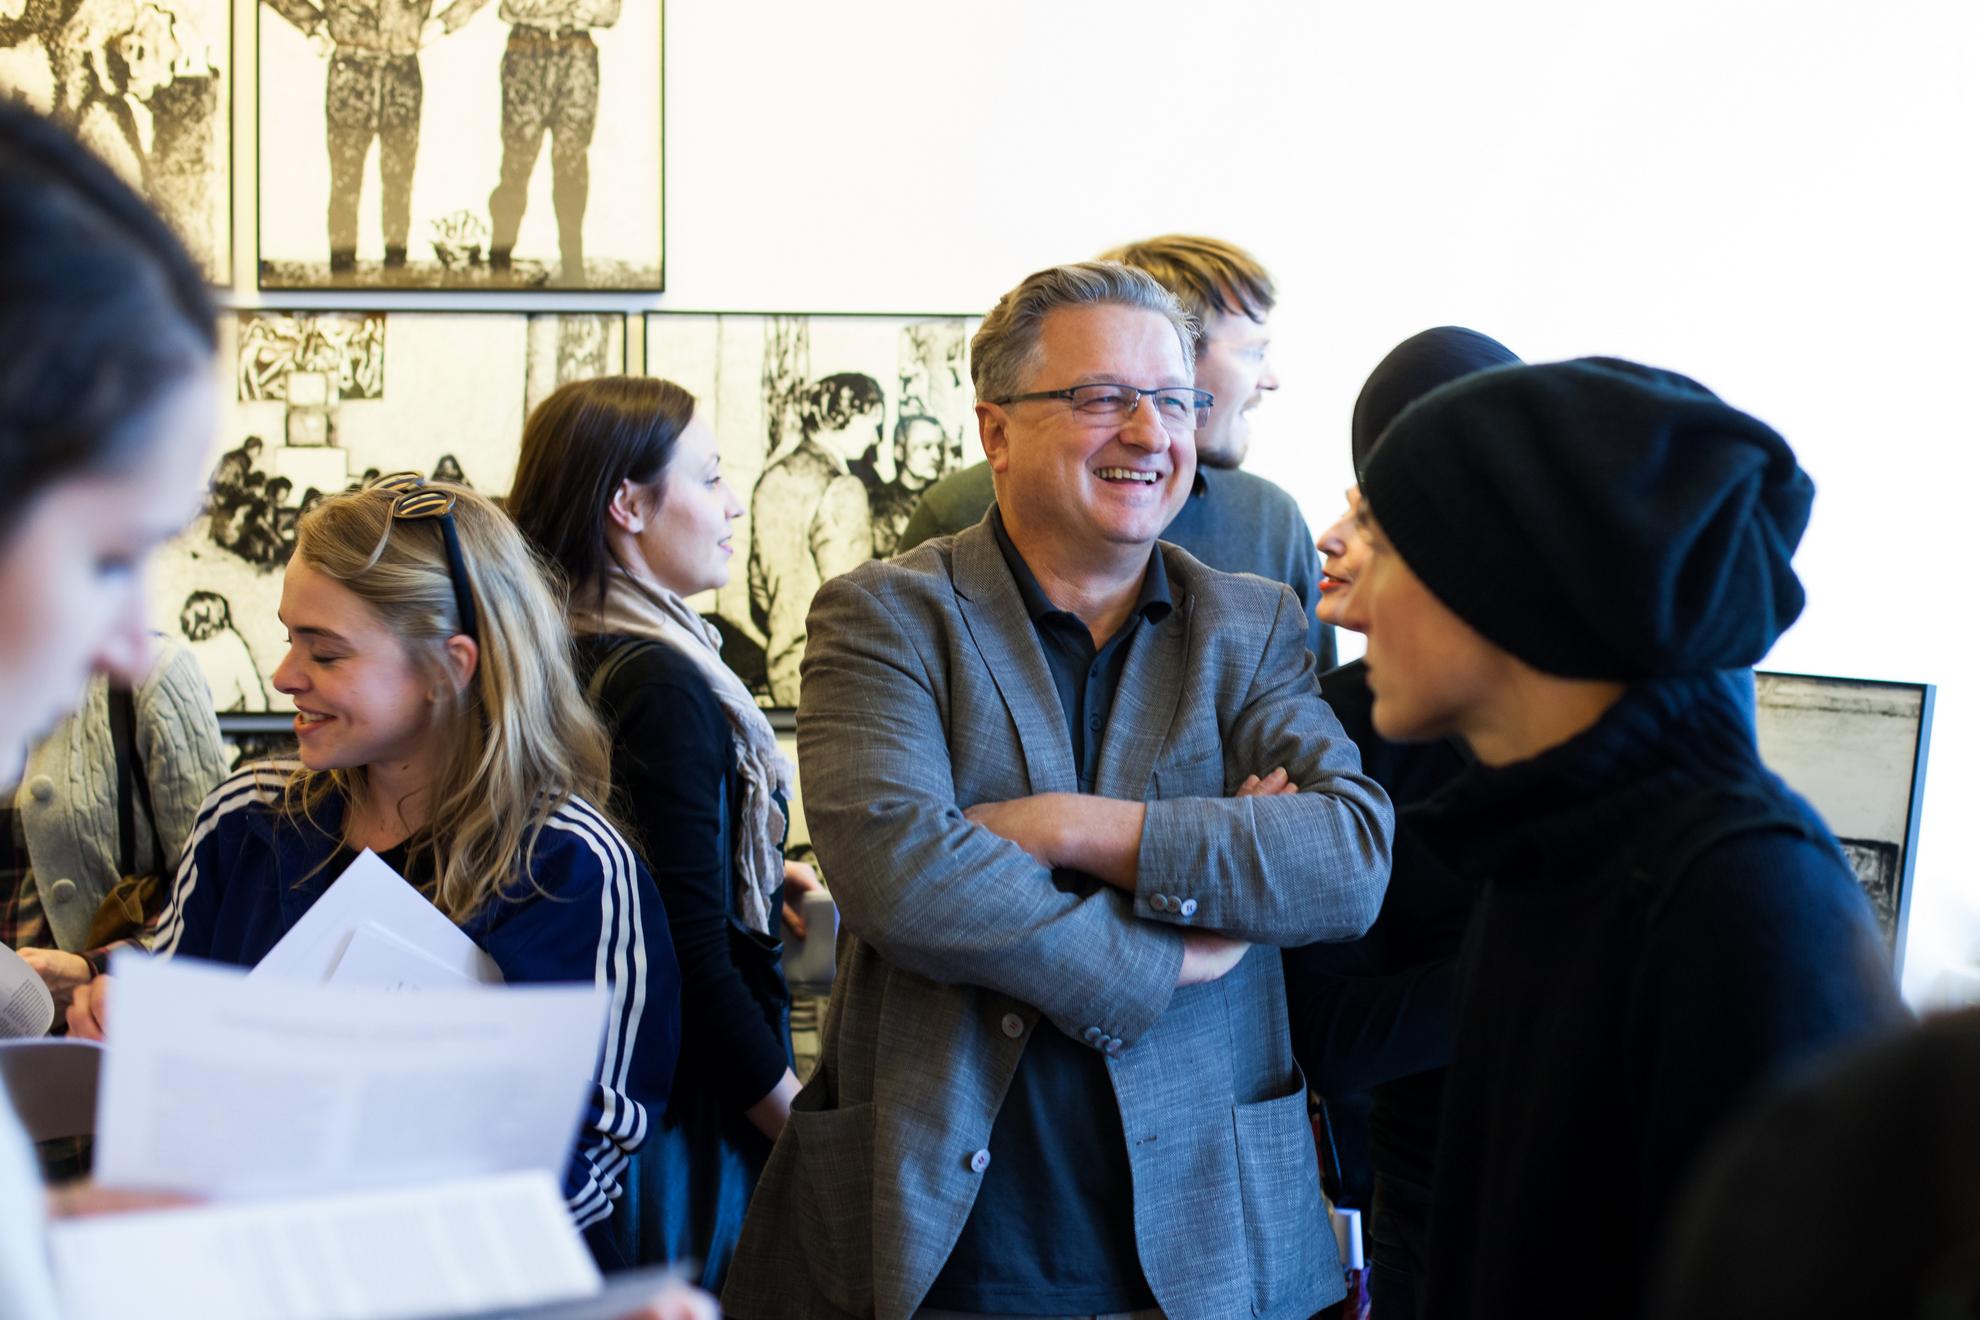 12.10.2016 Ljubljana, Galerija Gallery. Razstava Laibach kunst. Voden ogled je vodil Ivan Novak.